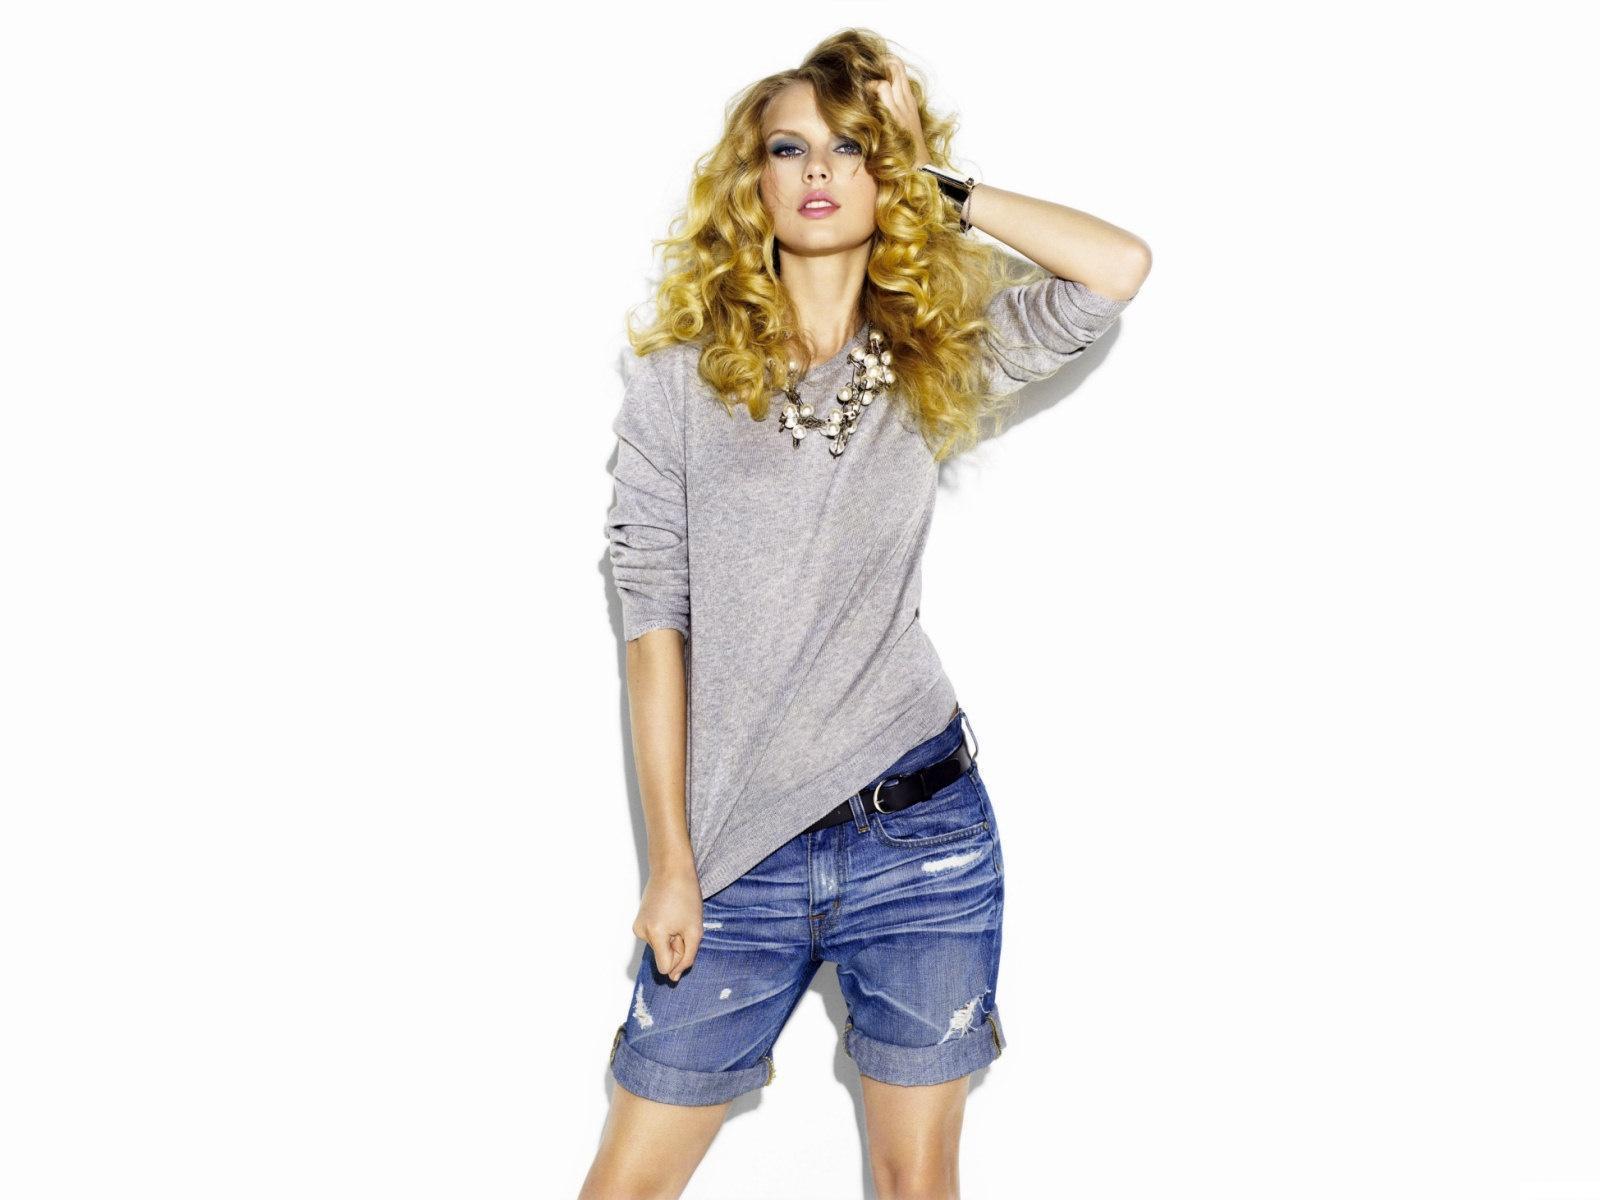 http://3.bp.blogspot.com/-bLfVjtICHR0/TZZVQtHhOqI/AAAAAAAABjk/bAsbVxm2OjA/s1600/Taylor-Swift-010.jpg